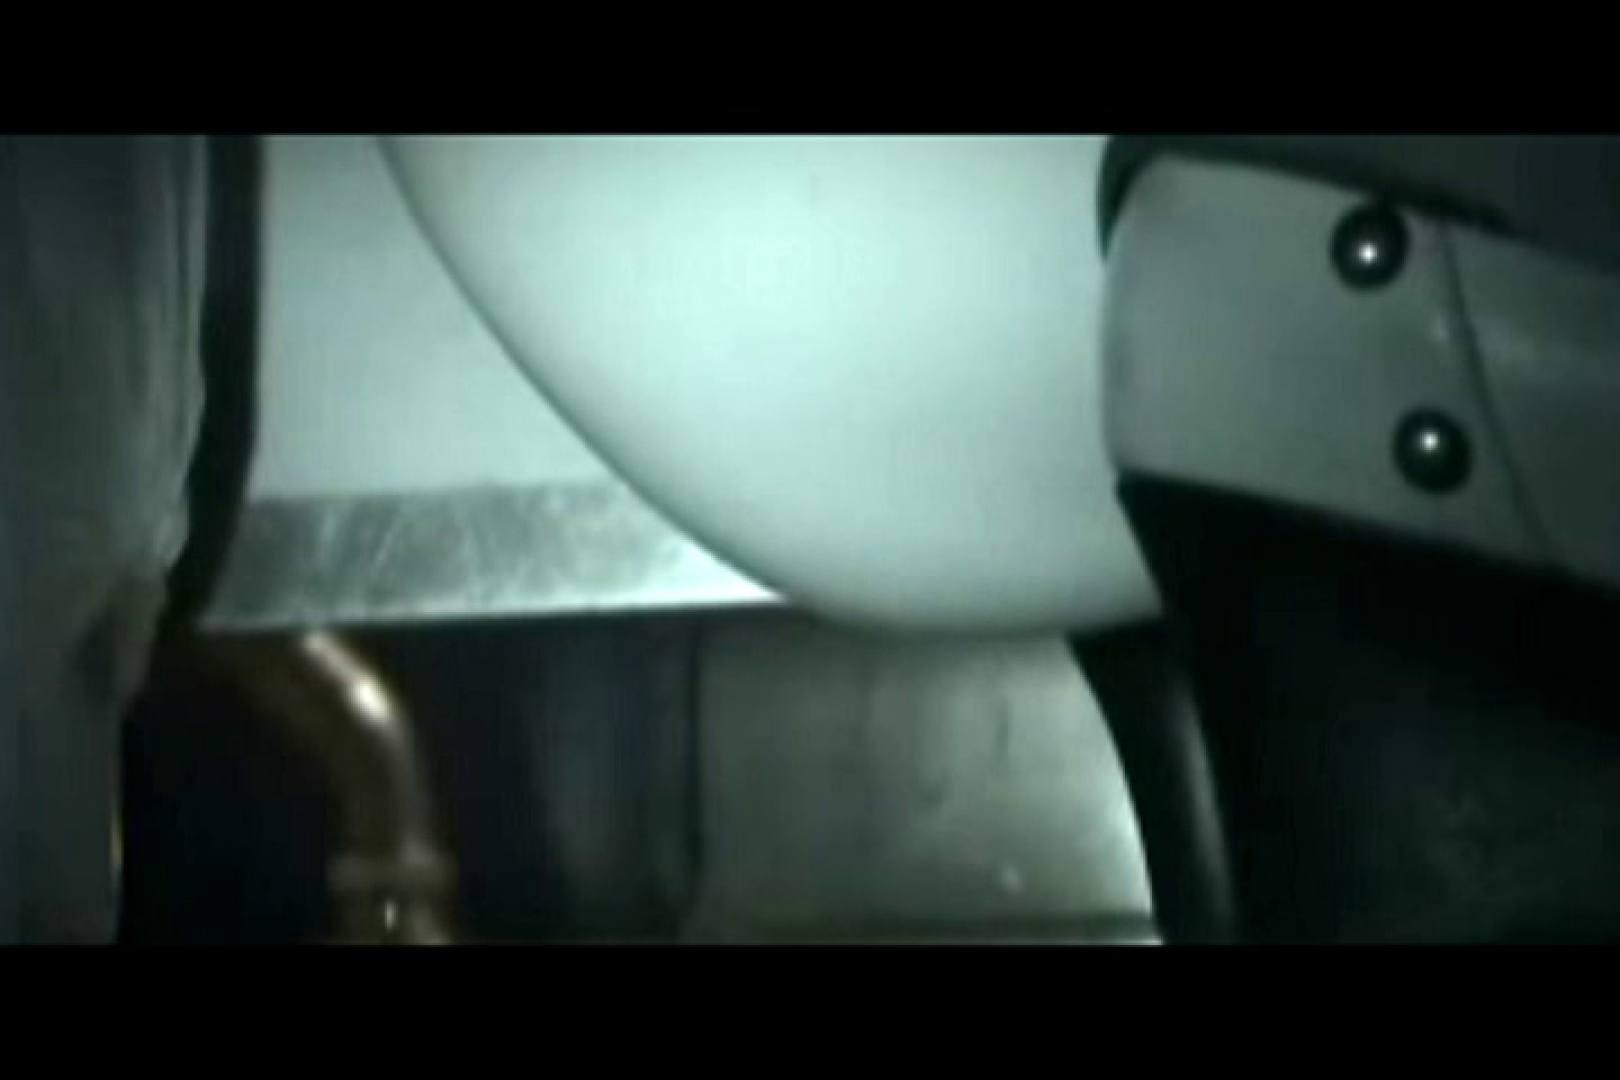 ぼっとん洗面所スペシャルVol.19 洗面所 | おまんこモロ出し  109pic 56